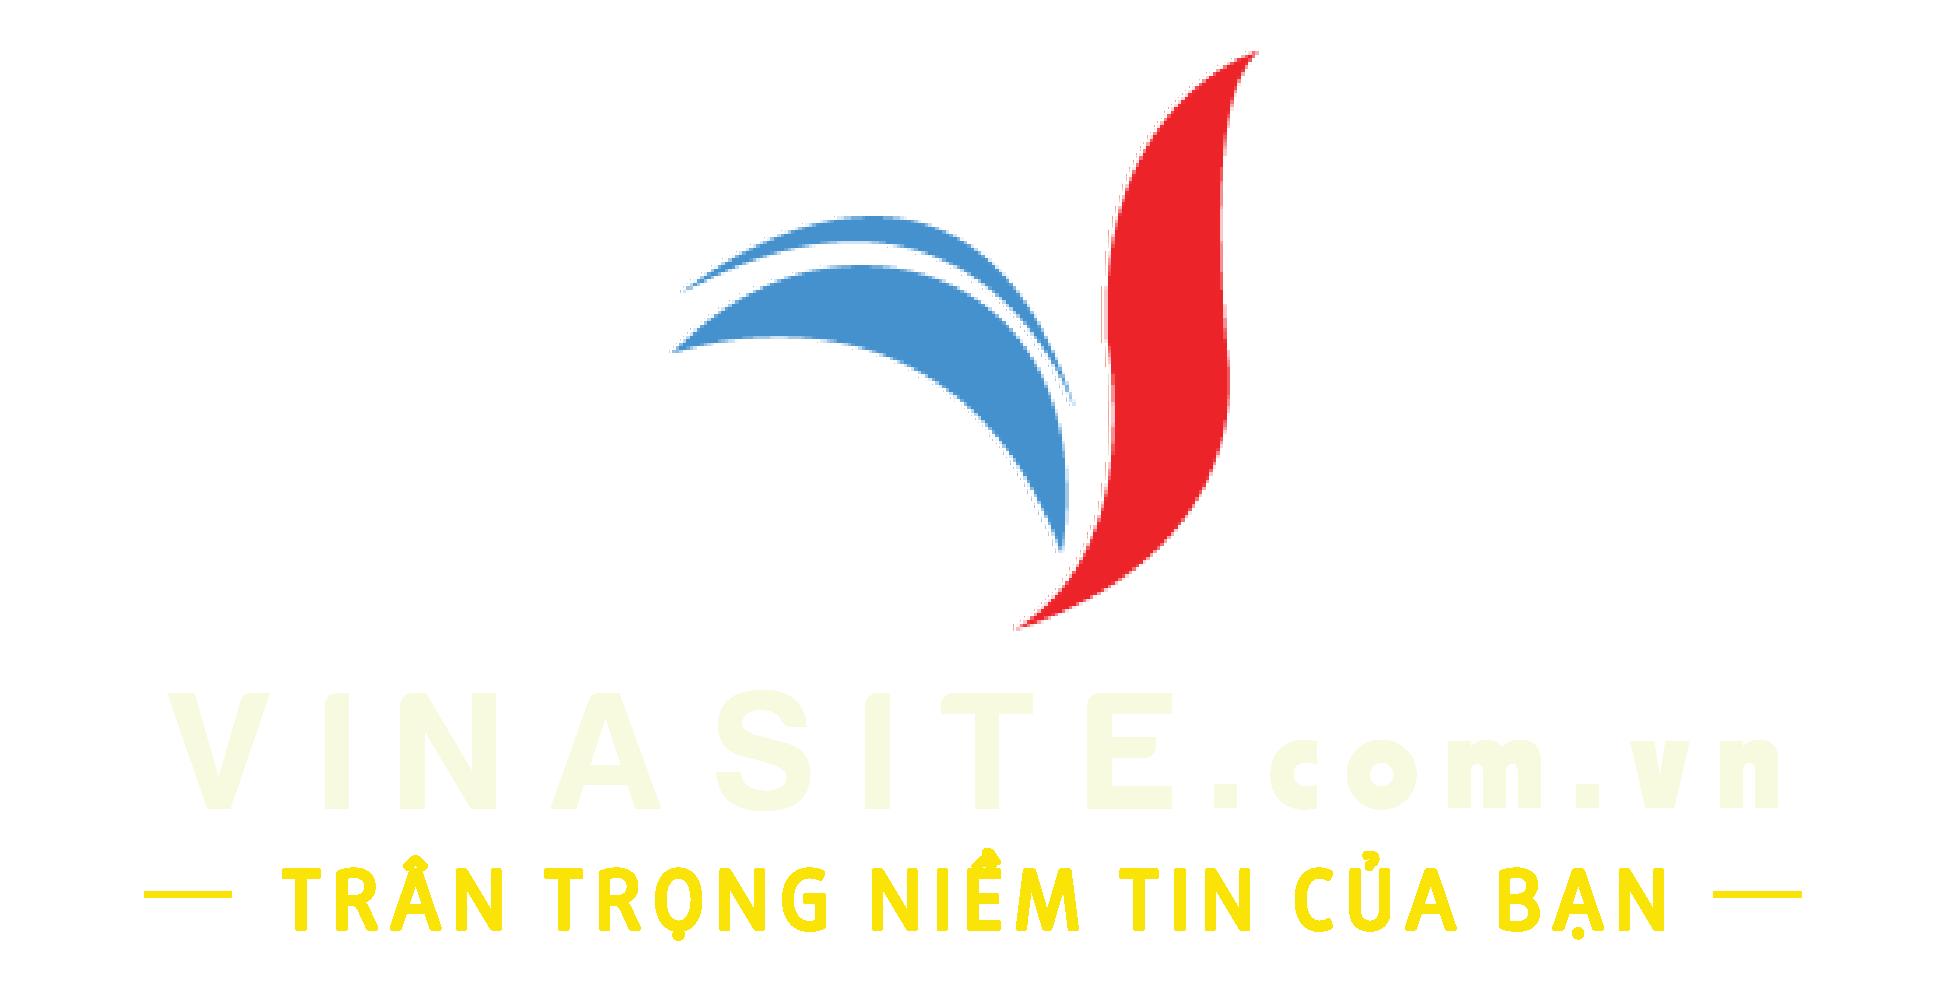 Dịch Vụ Marketing Online Chuyên Nghiệp – Công Ty VinaSite